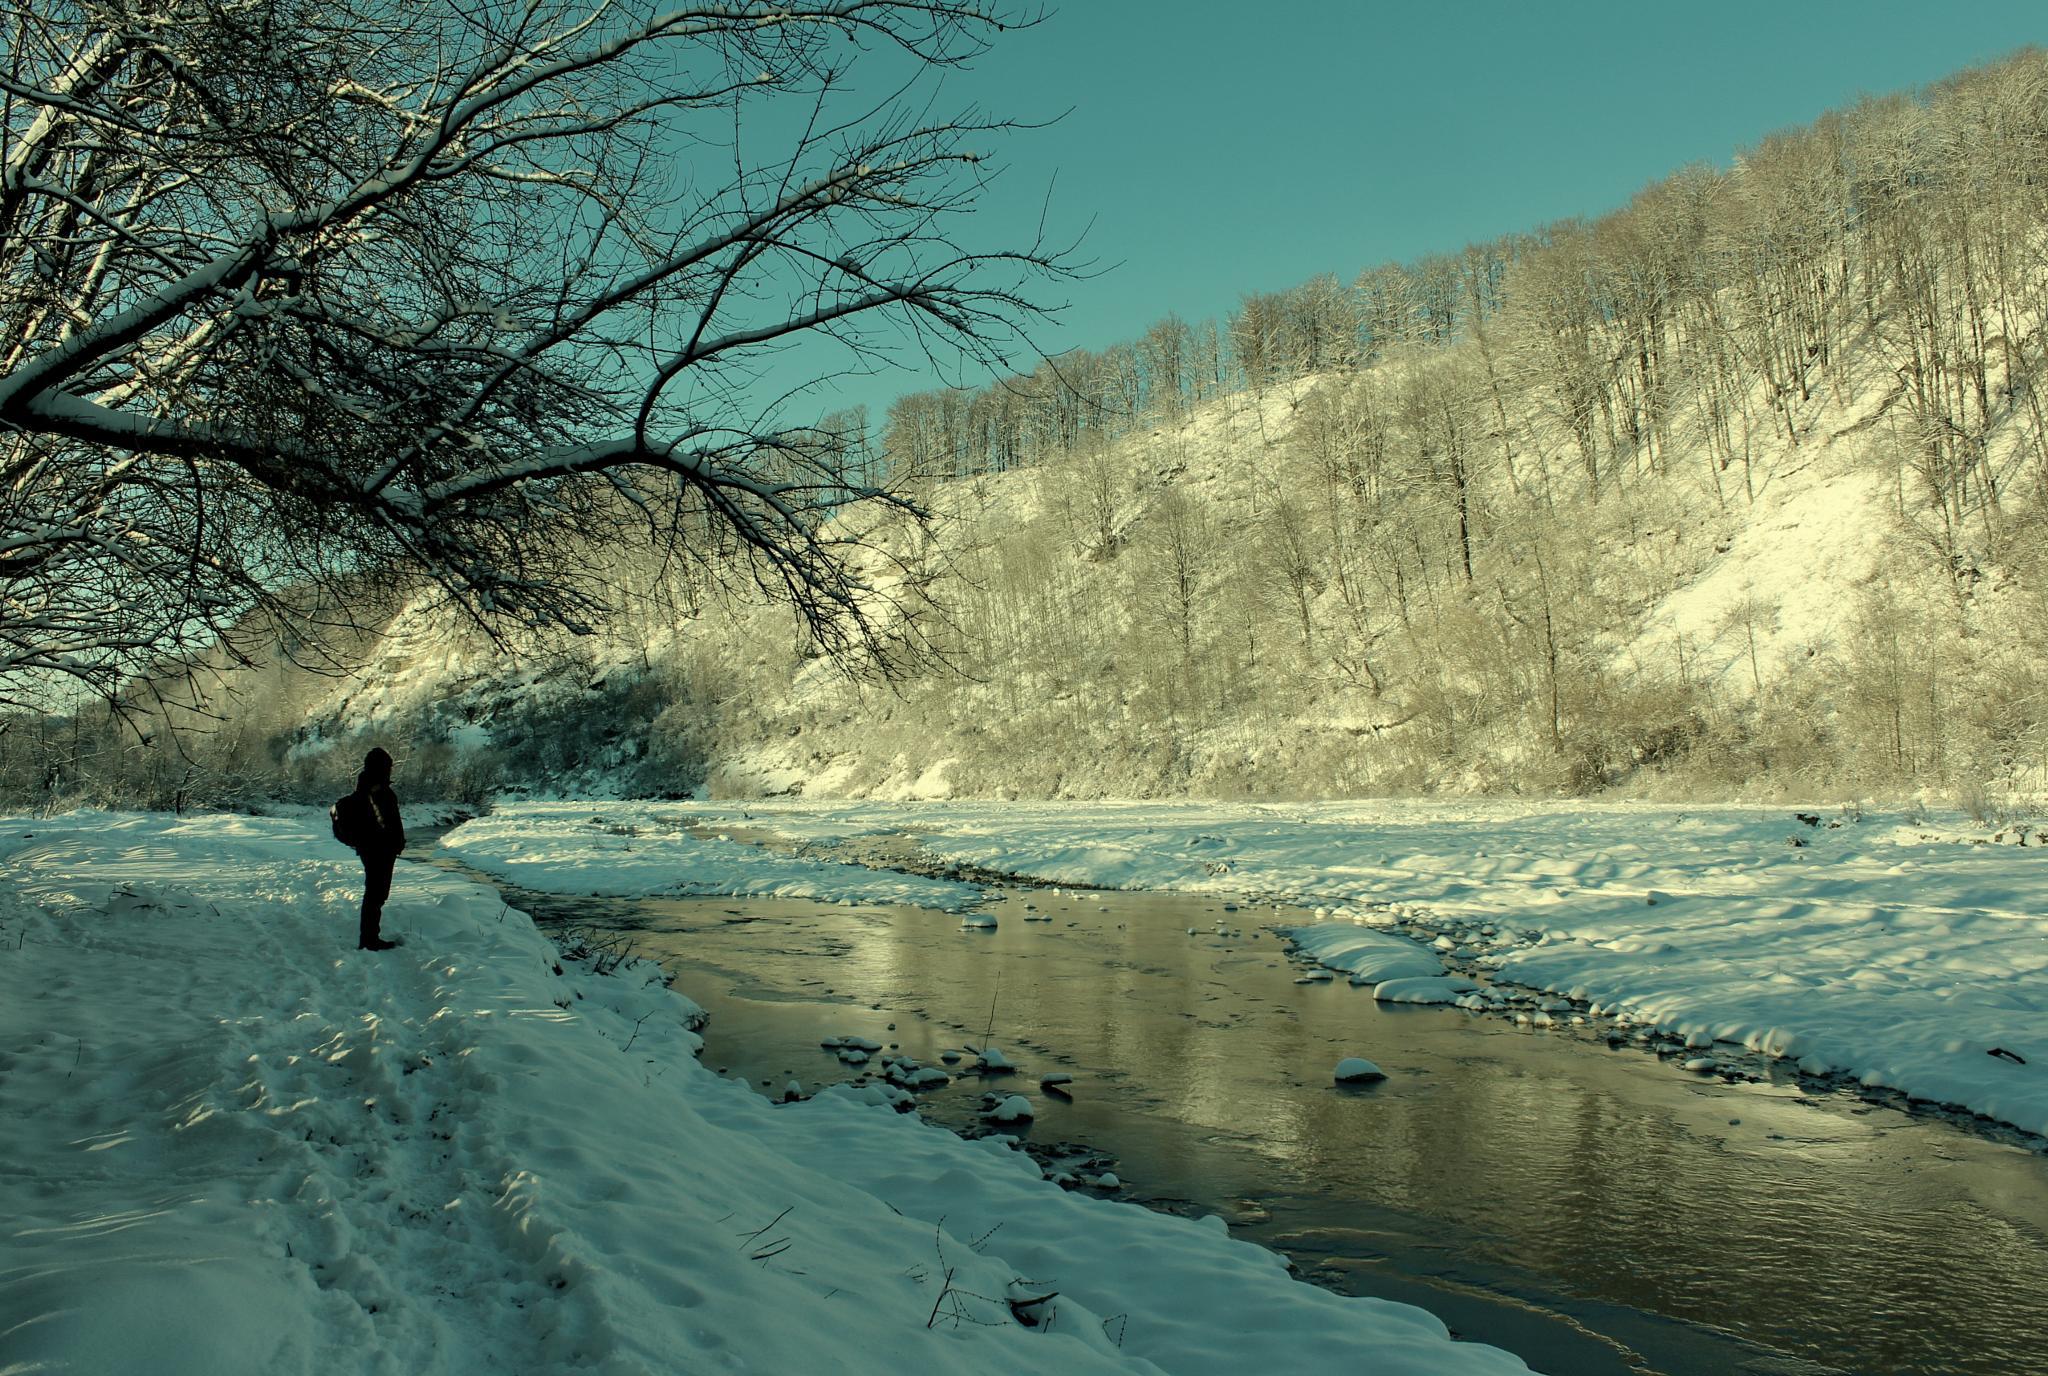 Winter by Nicoleta